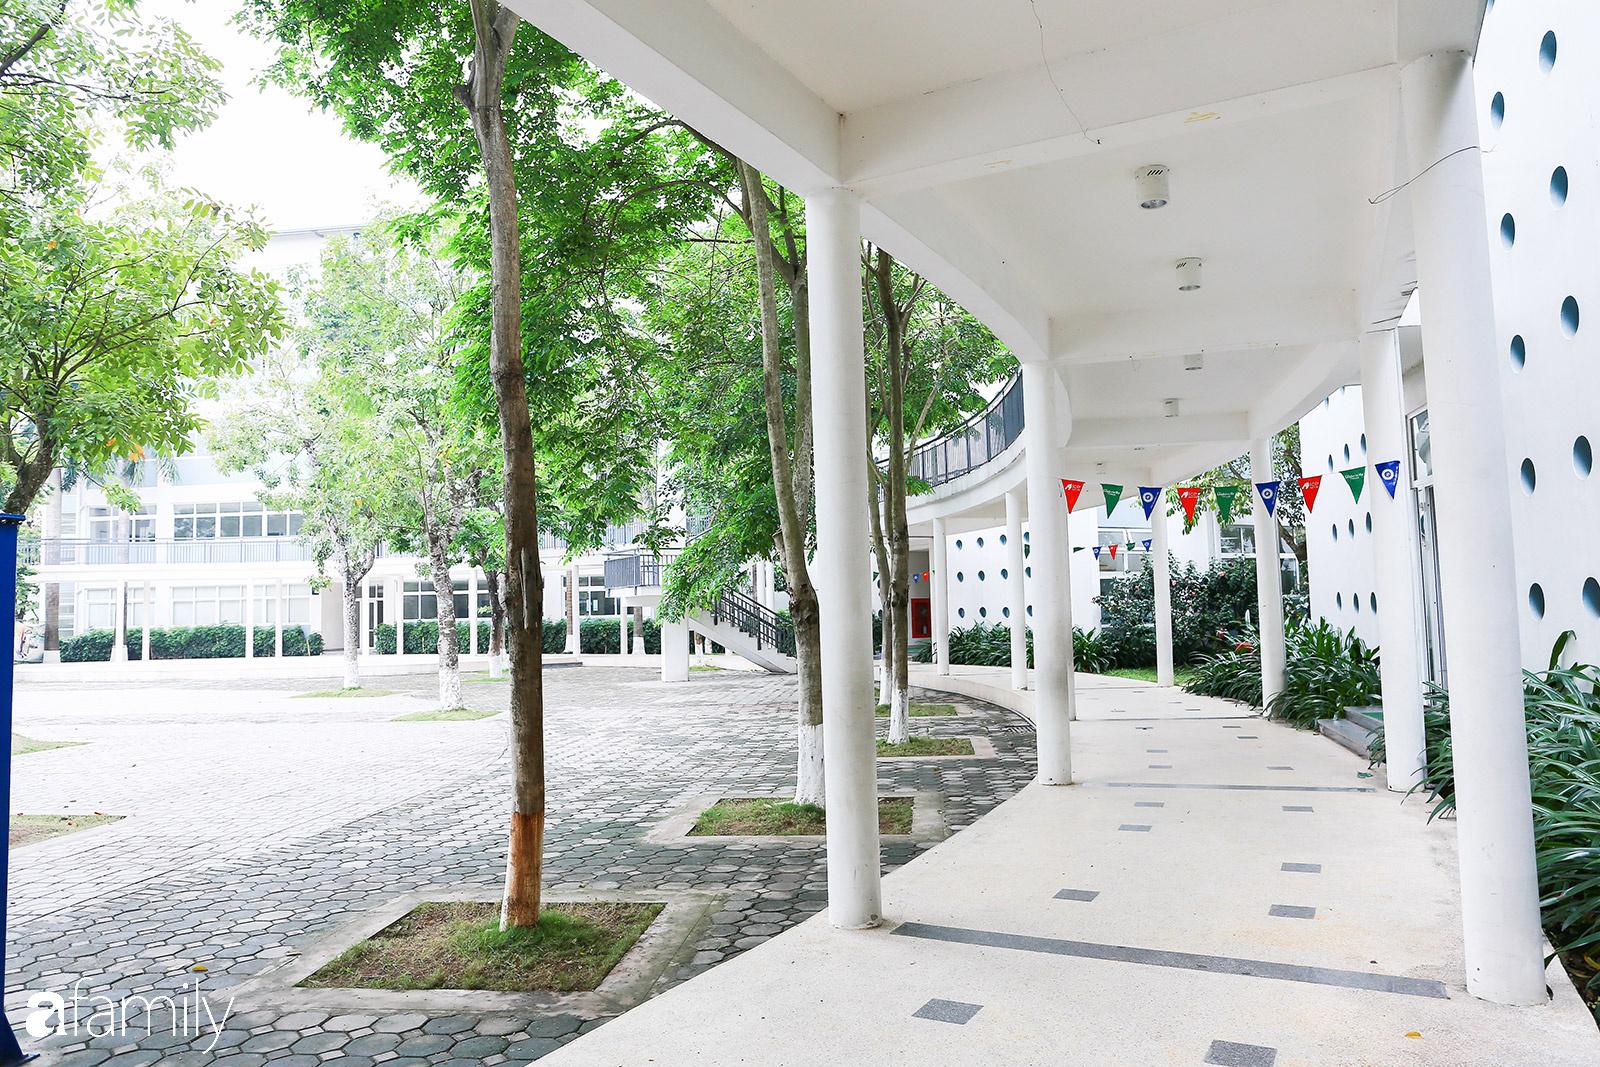 Đoàn Thị Điểm Ecopark: ngôi trường của những niềm vui xanh, nơi lũ trẻ được vui chơi trong bầu không khí mát lành - Ảnh 9.